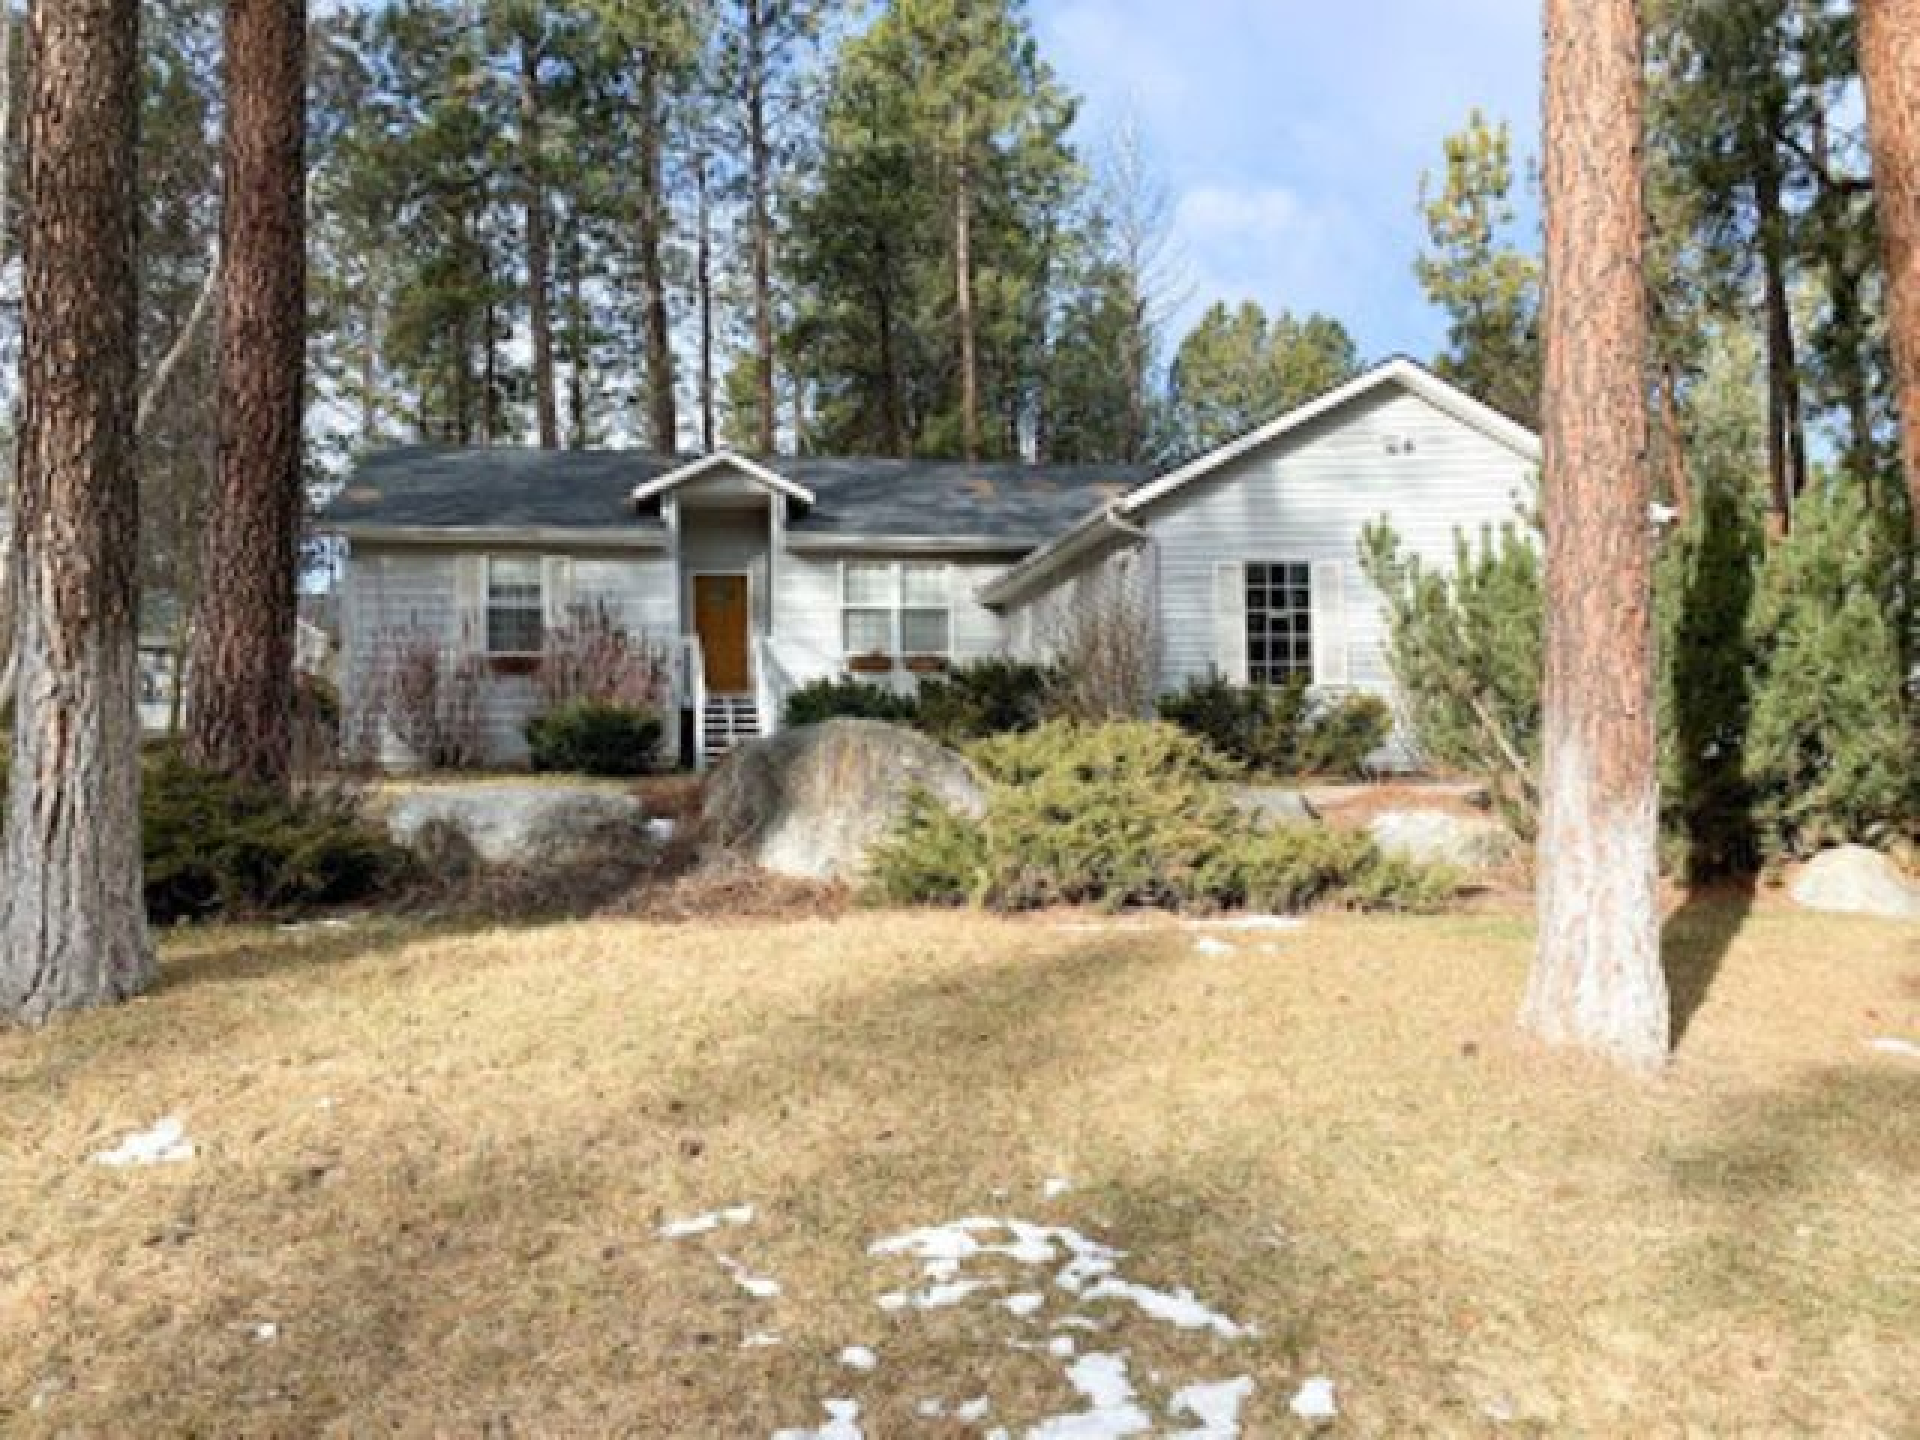 116 East Bluegrass Drive, Kalispell, MT 59901